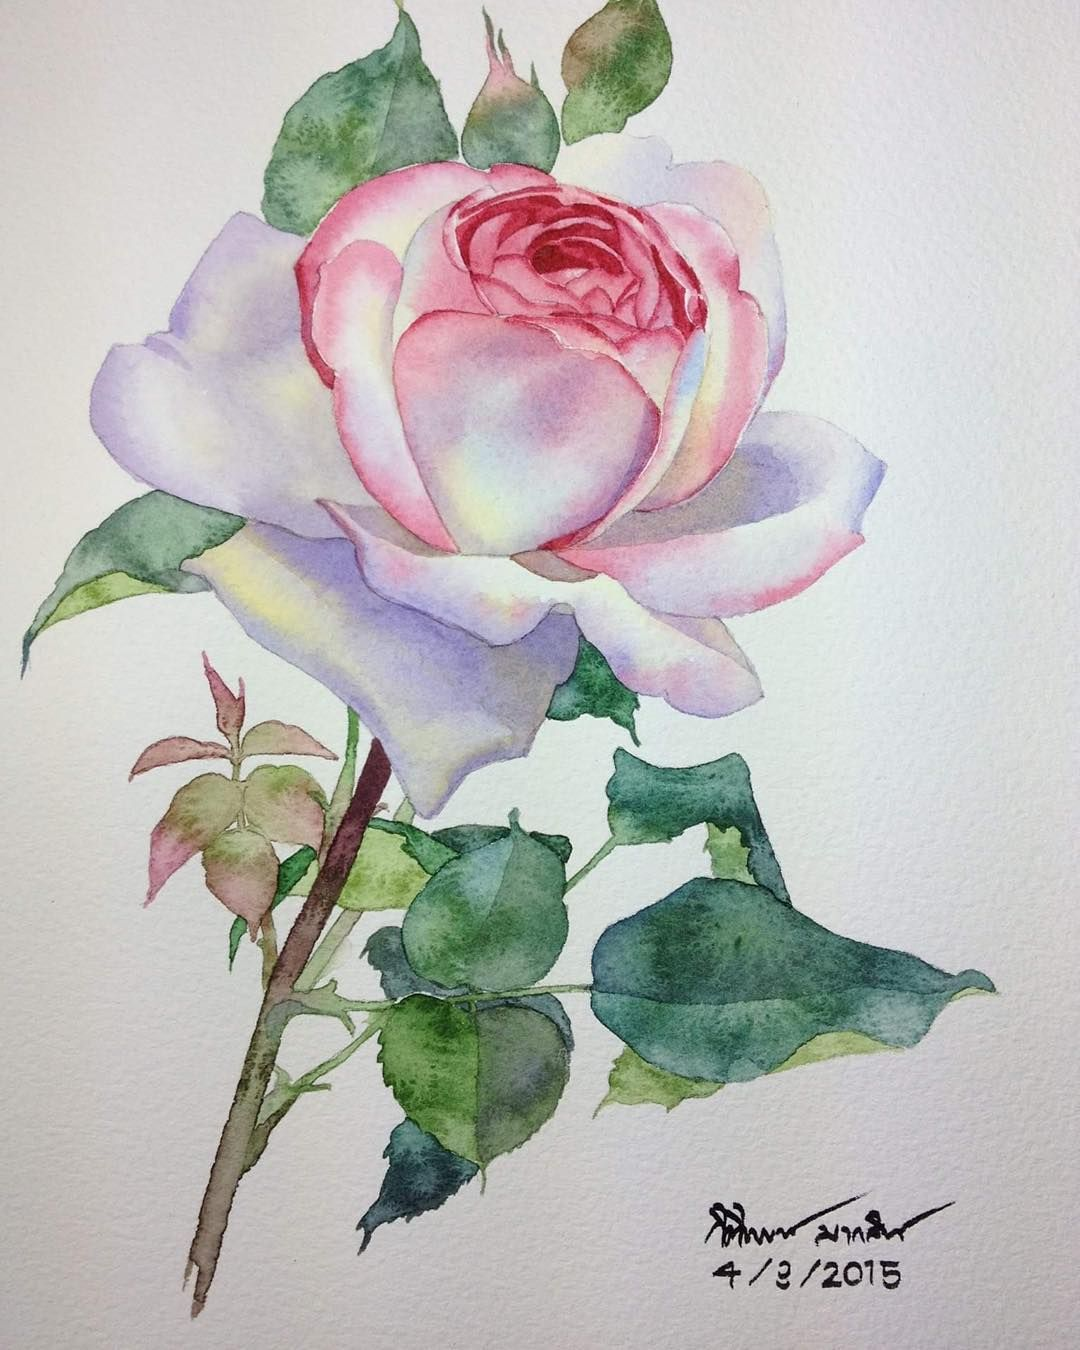 #valentines #aquarelle #aquarius #art #artist #paint #painting #watercolor #watercolorpainting #flower#waterblog